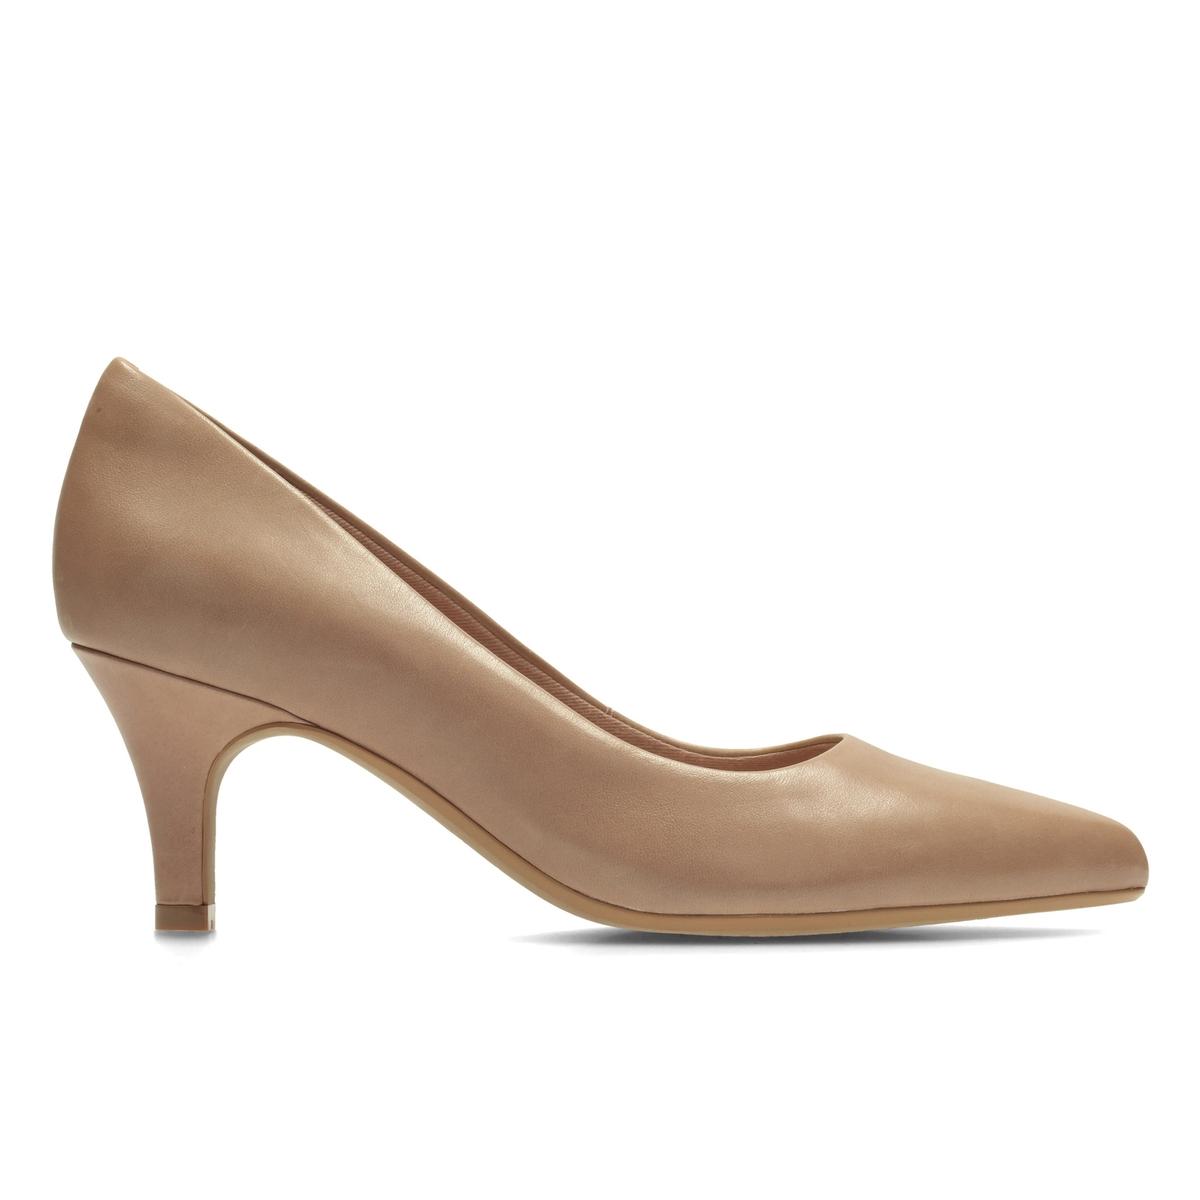 Туфли кожаные Isidora FayeВерх : Кожа.   Подкладка : текстиль   Стелька : синтетика   Подошва : Каучук   Высота каблука : 6,5 см   Форма каблука : тонкий каблук   Мысок : закругленный   Застежка : Без застежки<br><br>Цвет: розовый